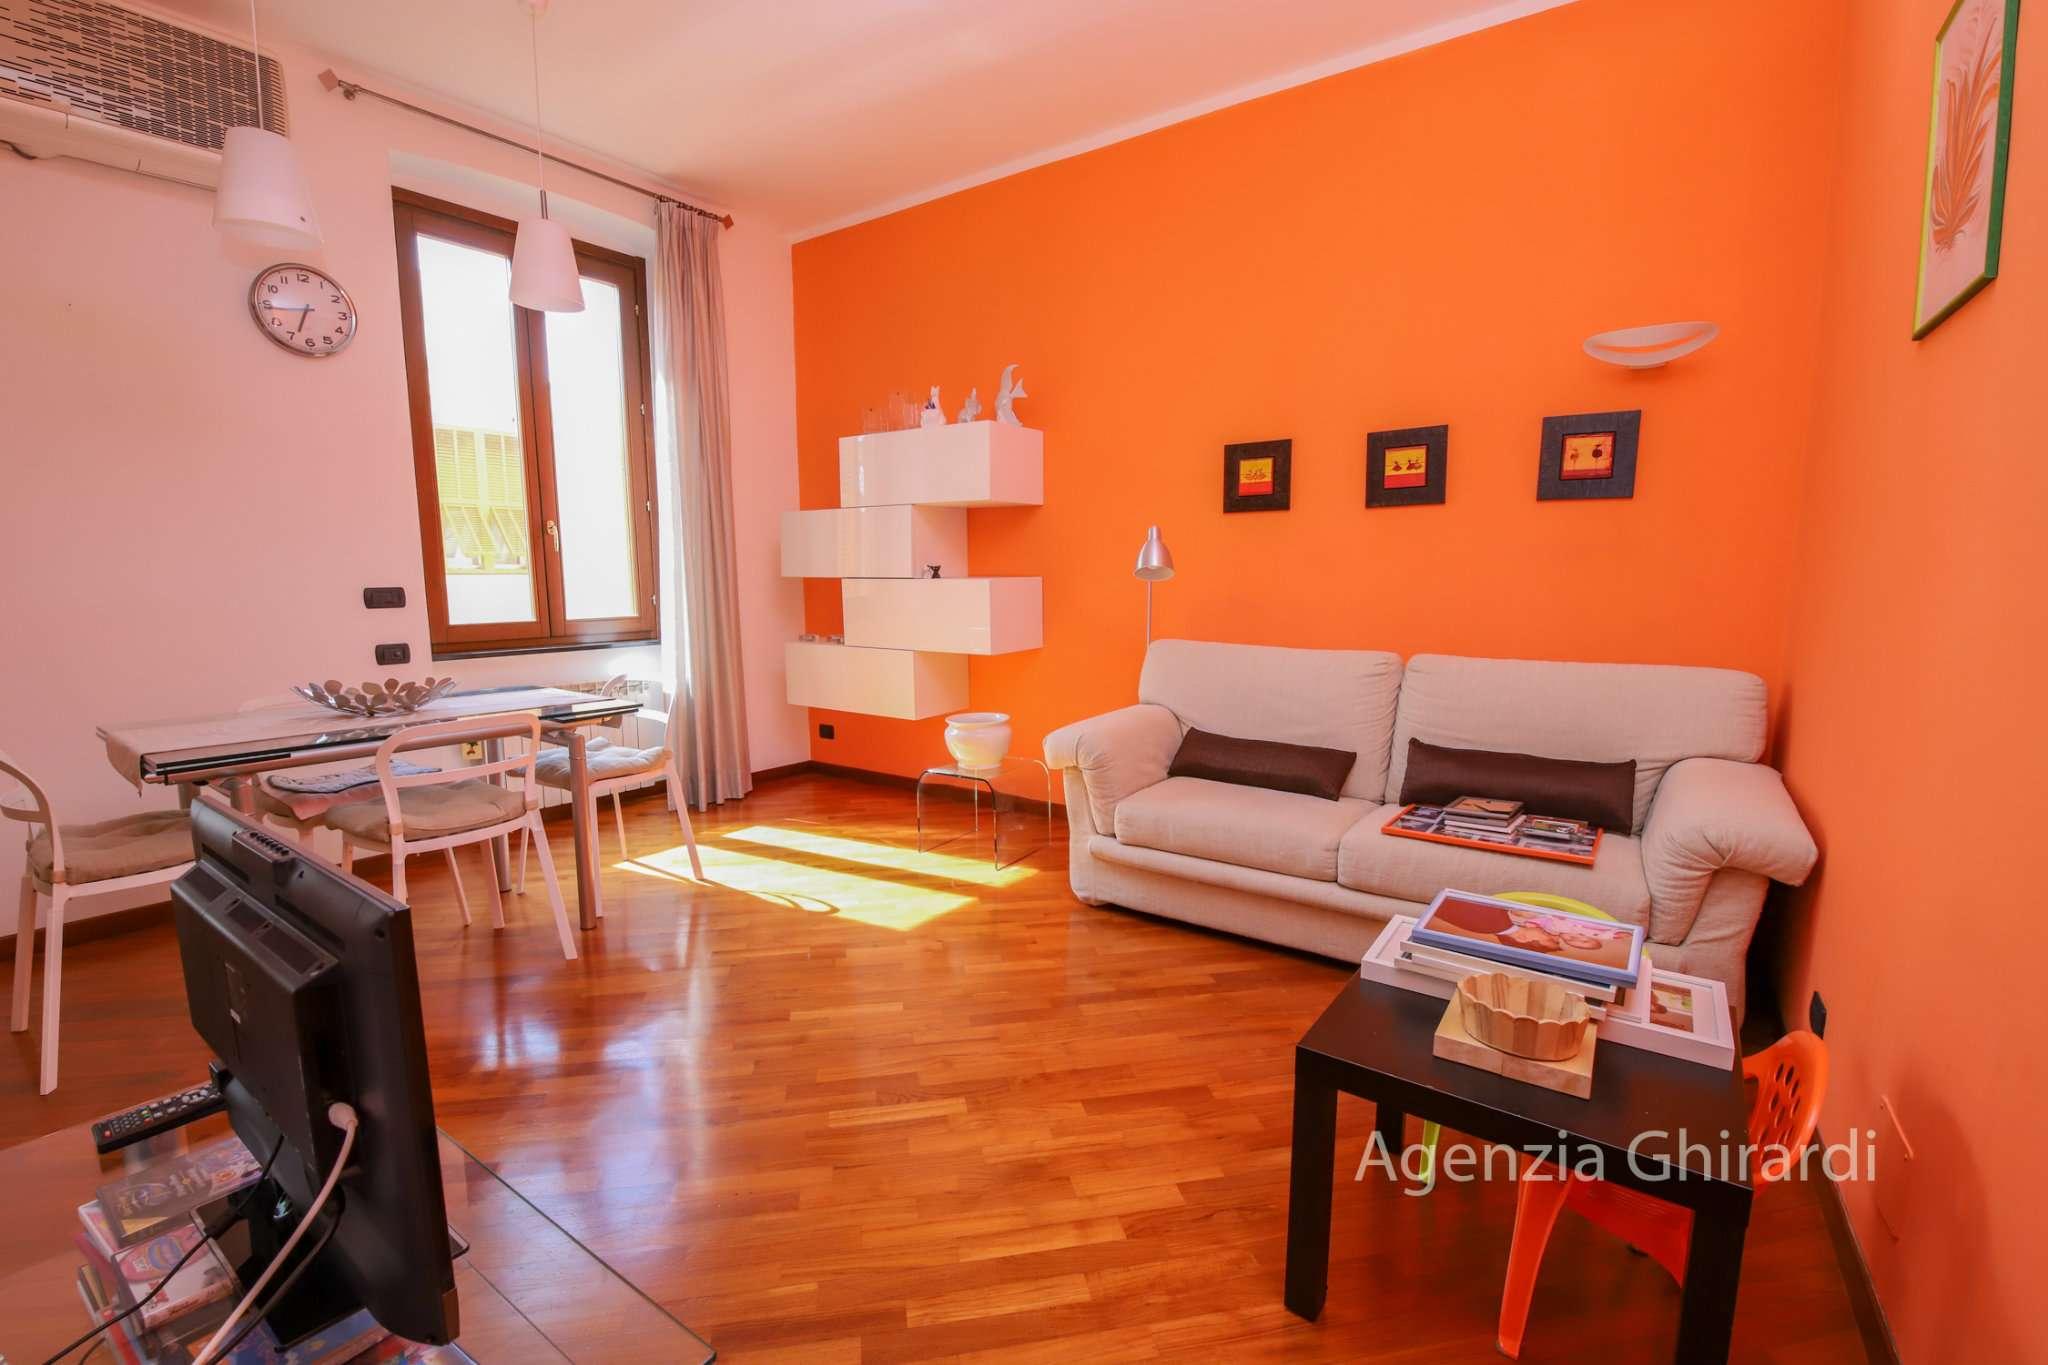 Foto 1 di Trilocale via Viale Villini Rollino 60, Genova (zona Sestri Ponente)